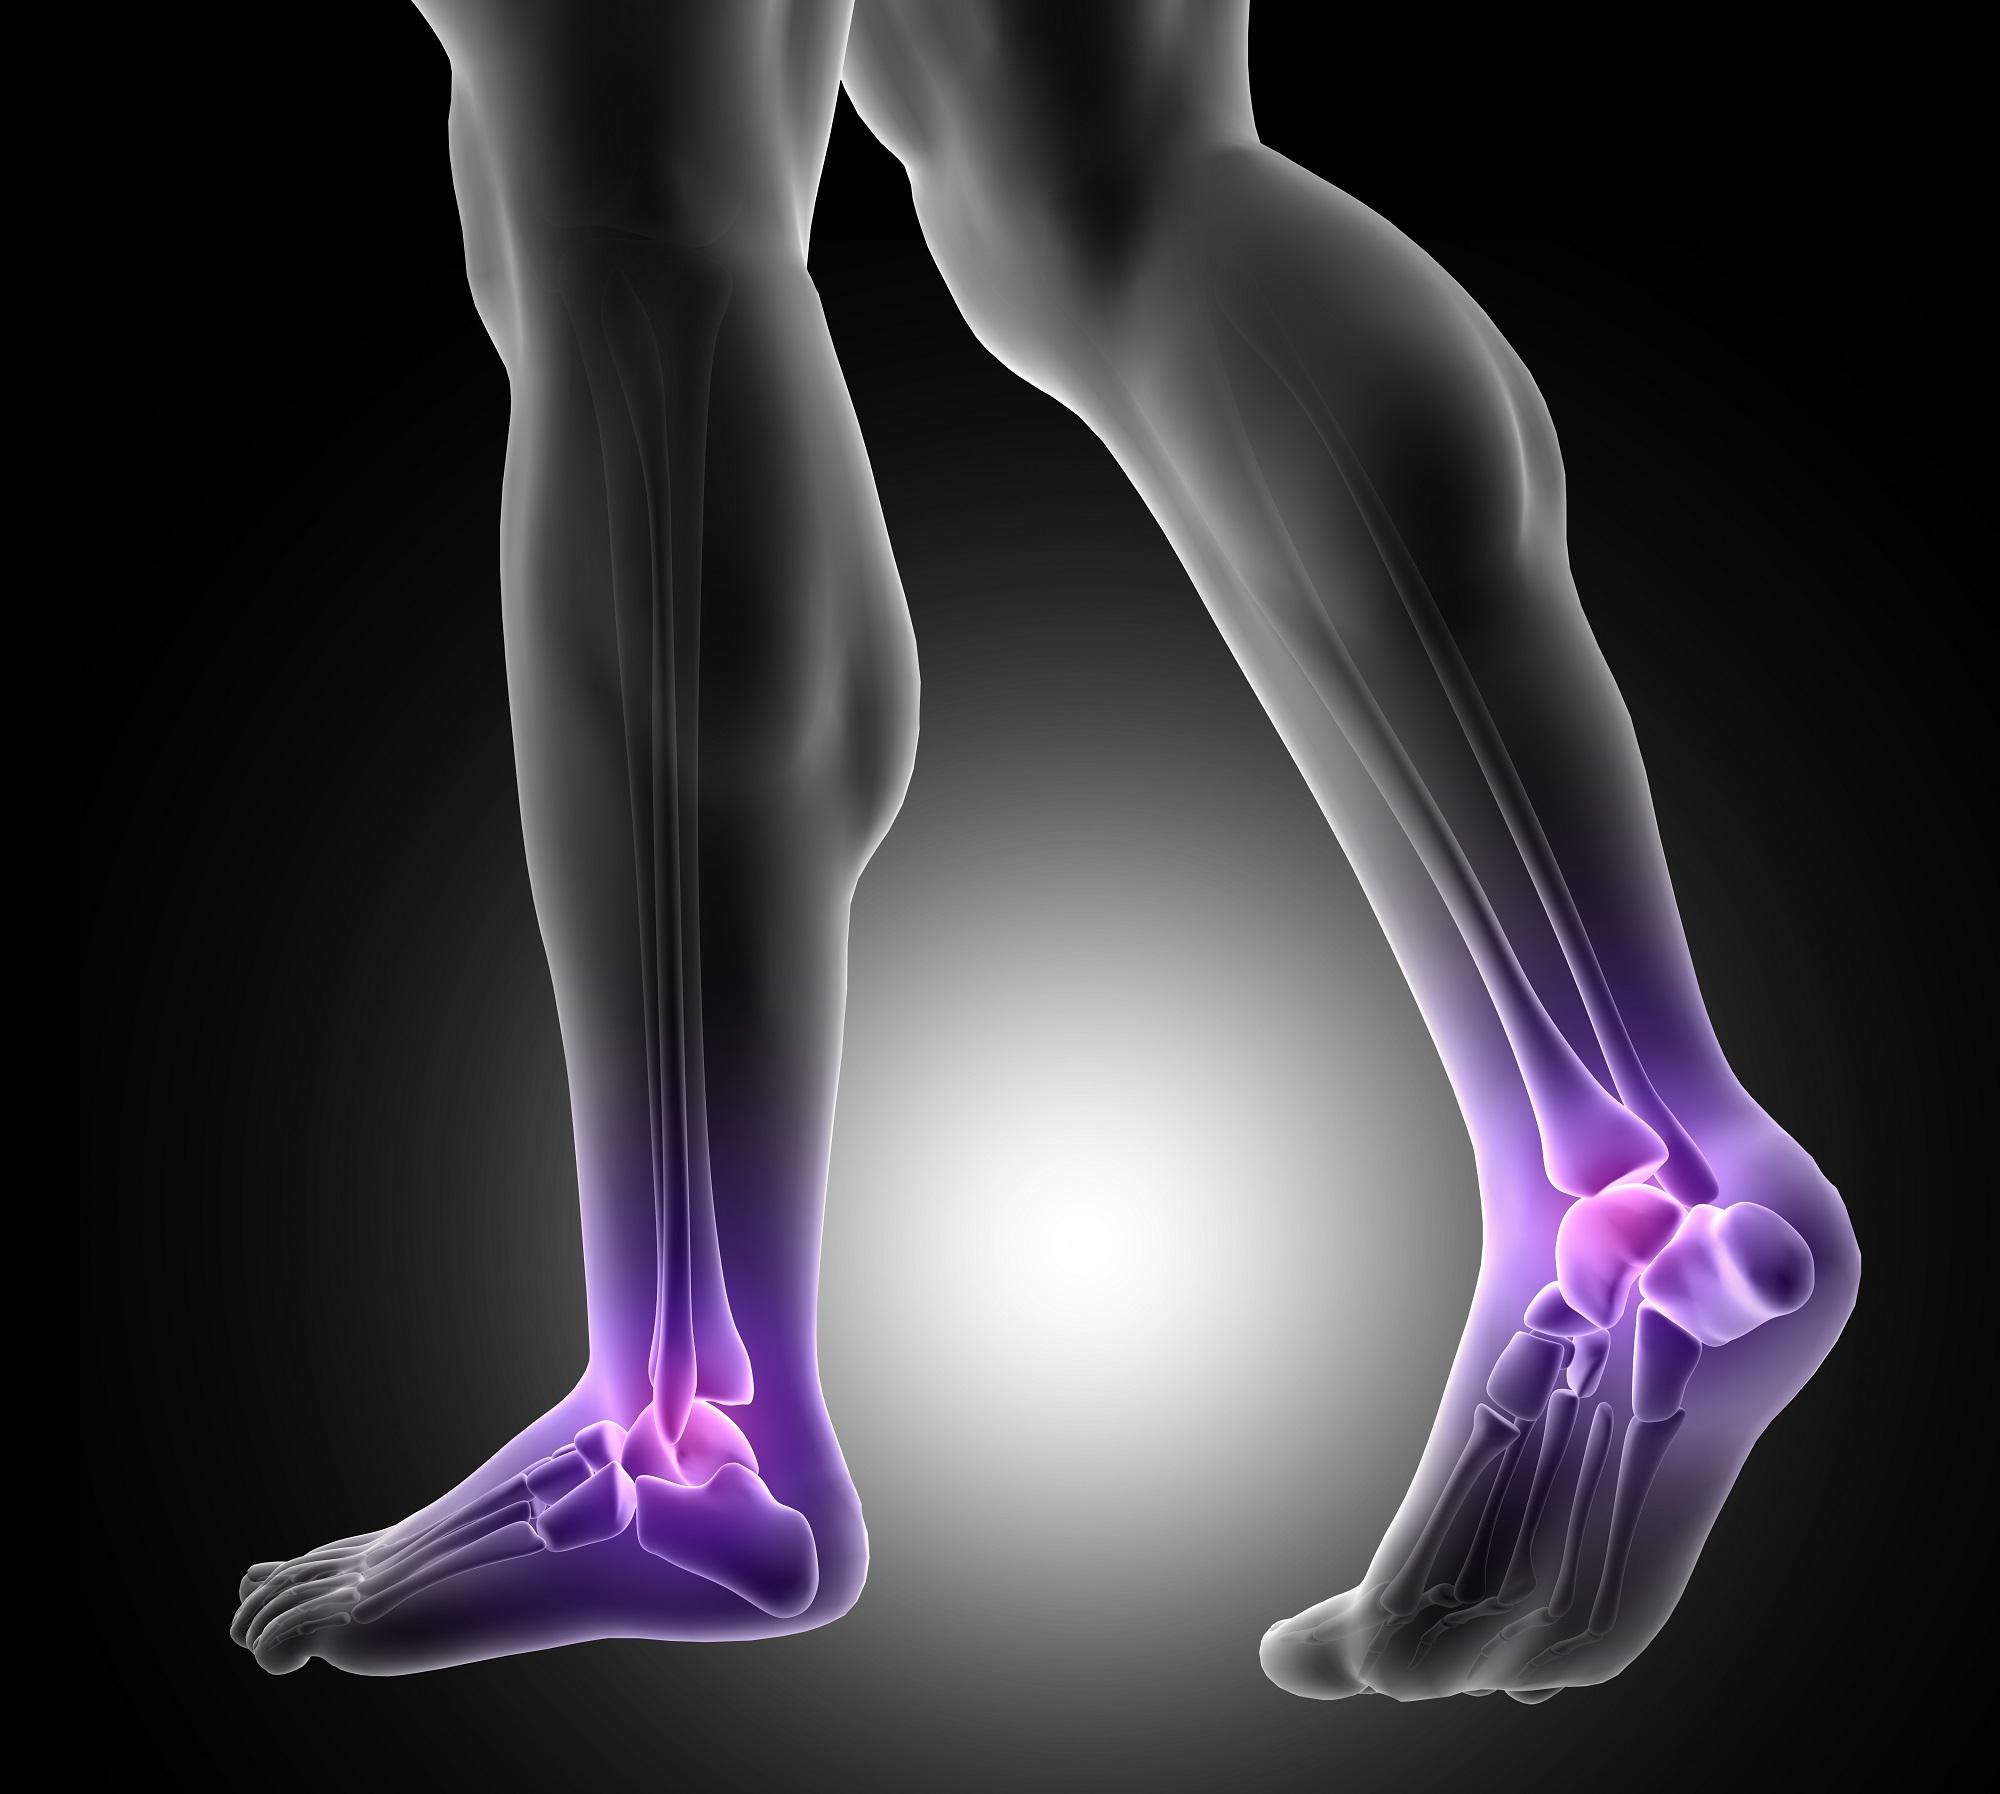 közös kezelés legújabb generációs gyógyszerei a lábak bokaízületei fájnak